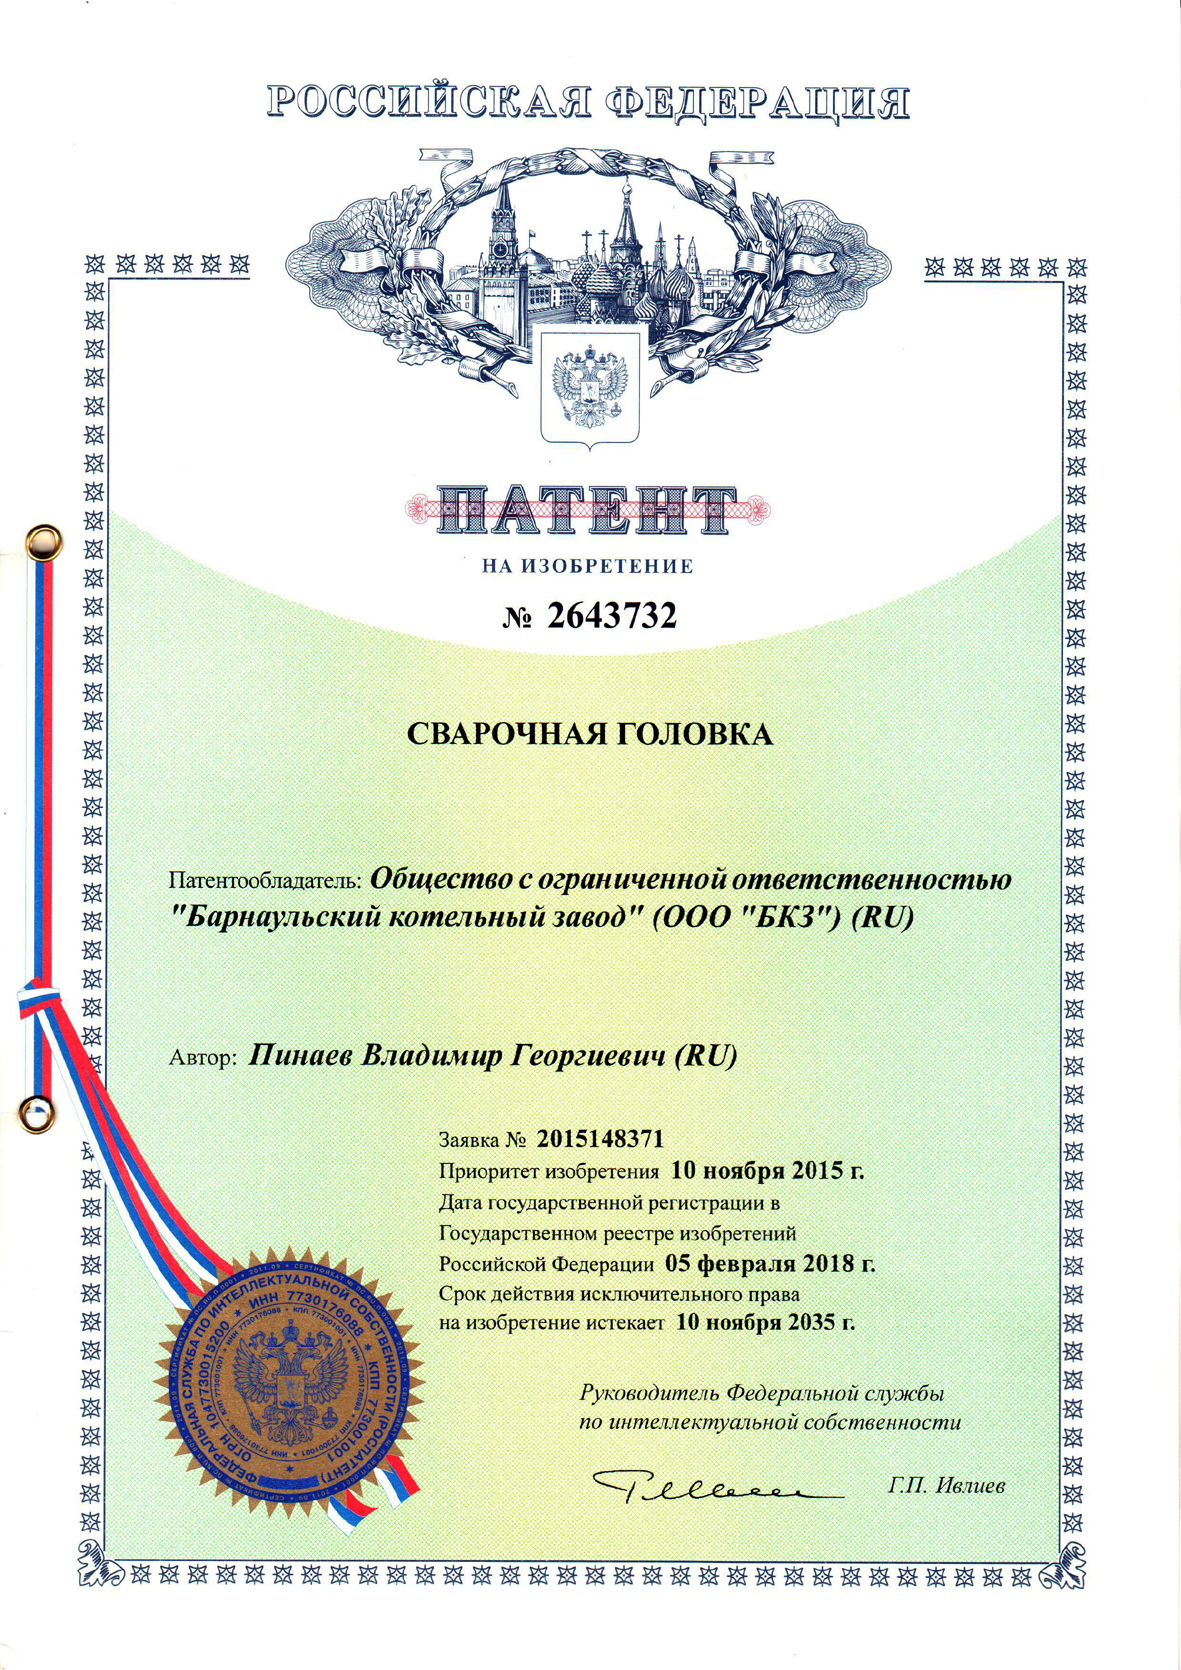 Патент Сварочная головка для исправления дефектов литья